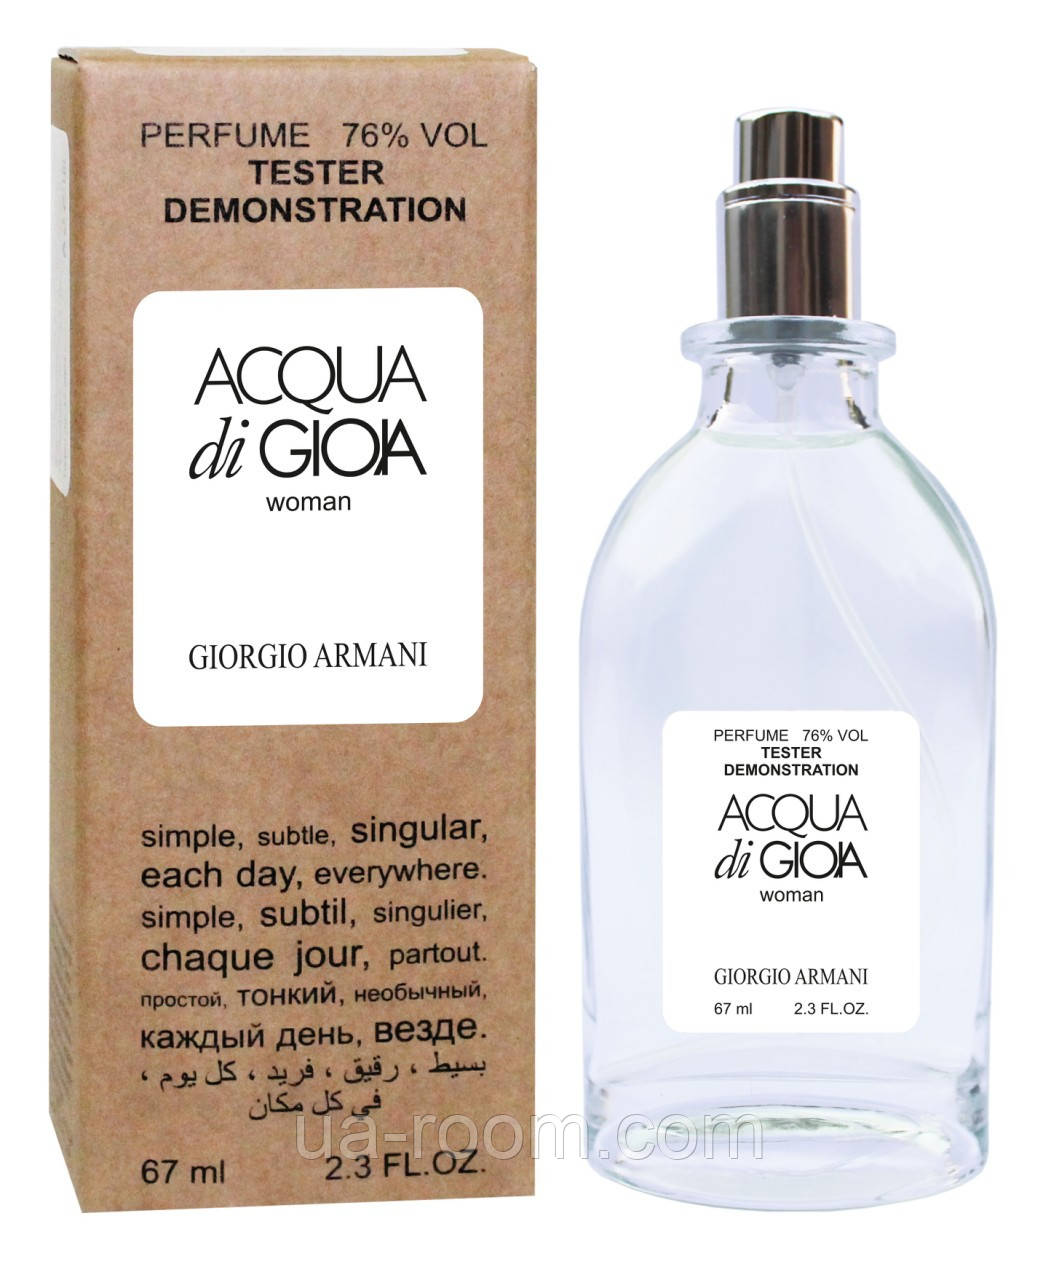 Тестер женский  Giorgio Armani Acqua di Gioia, 67 мл.